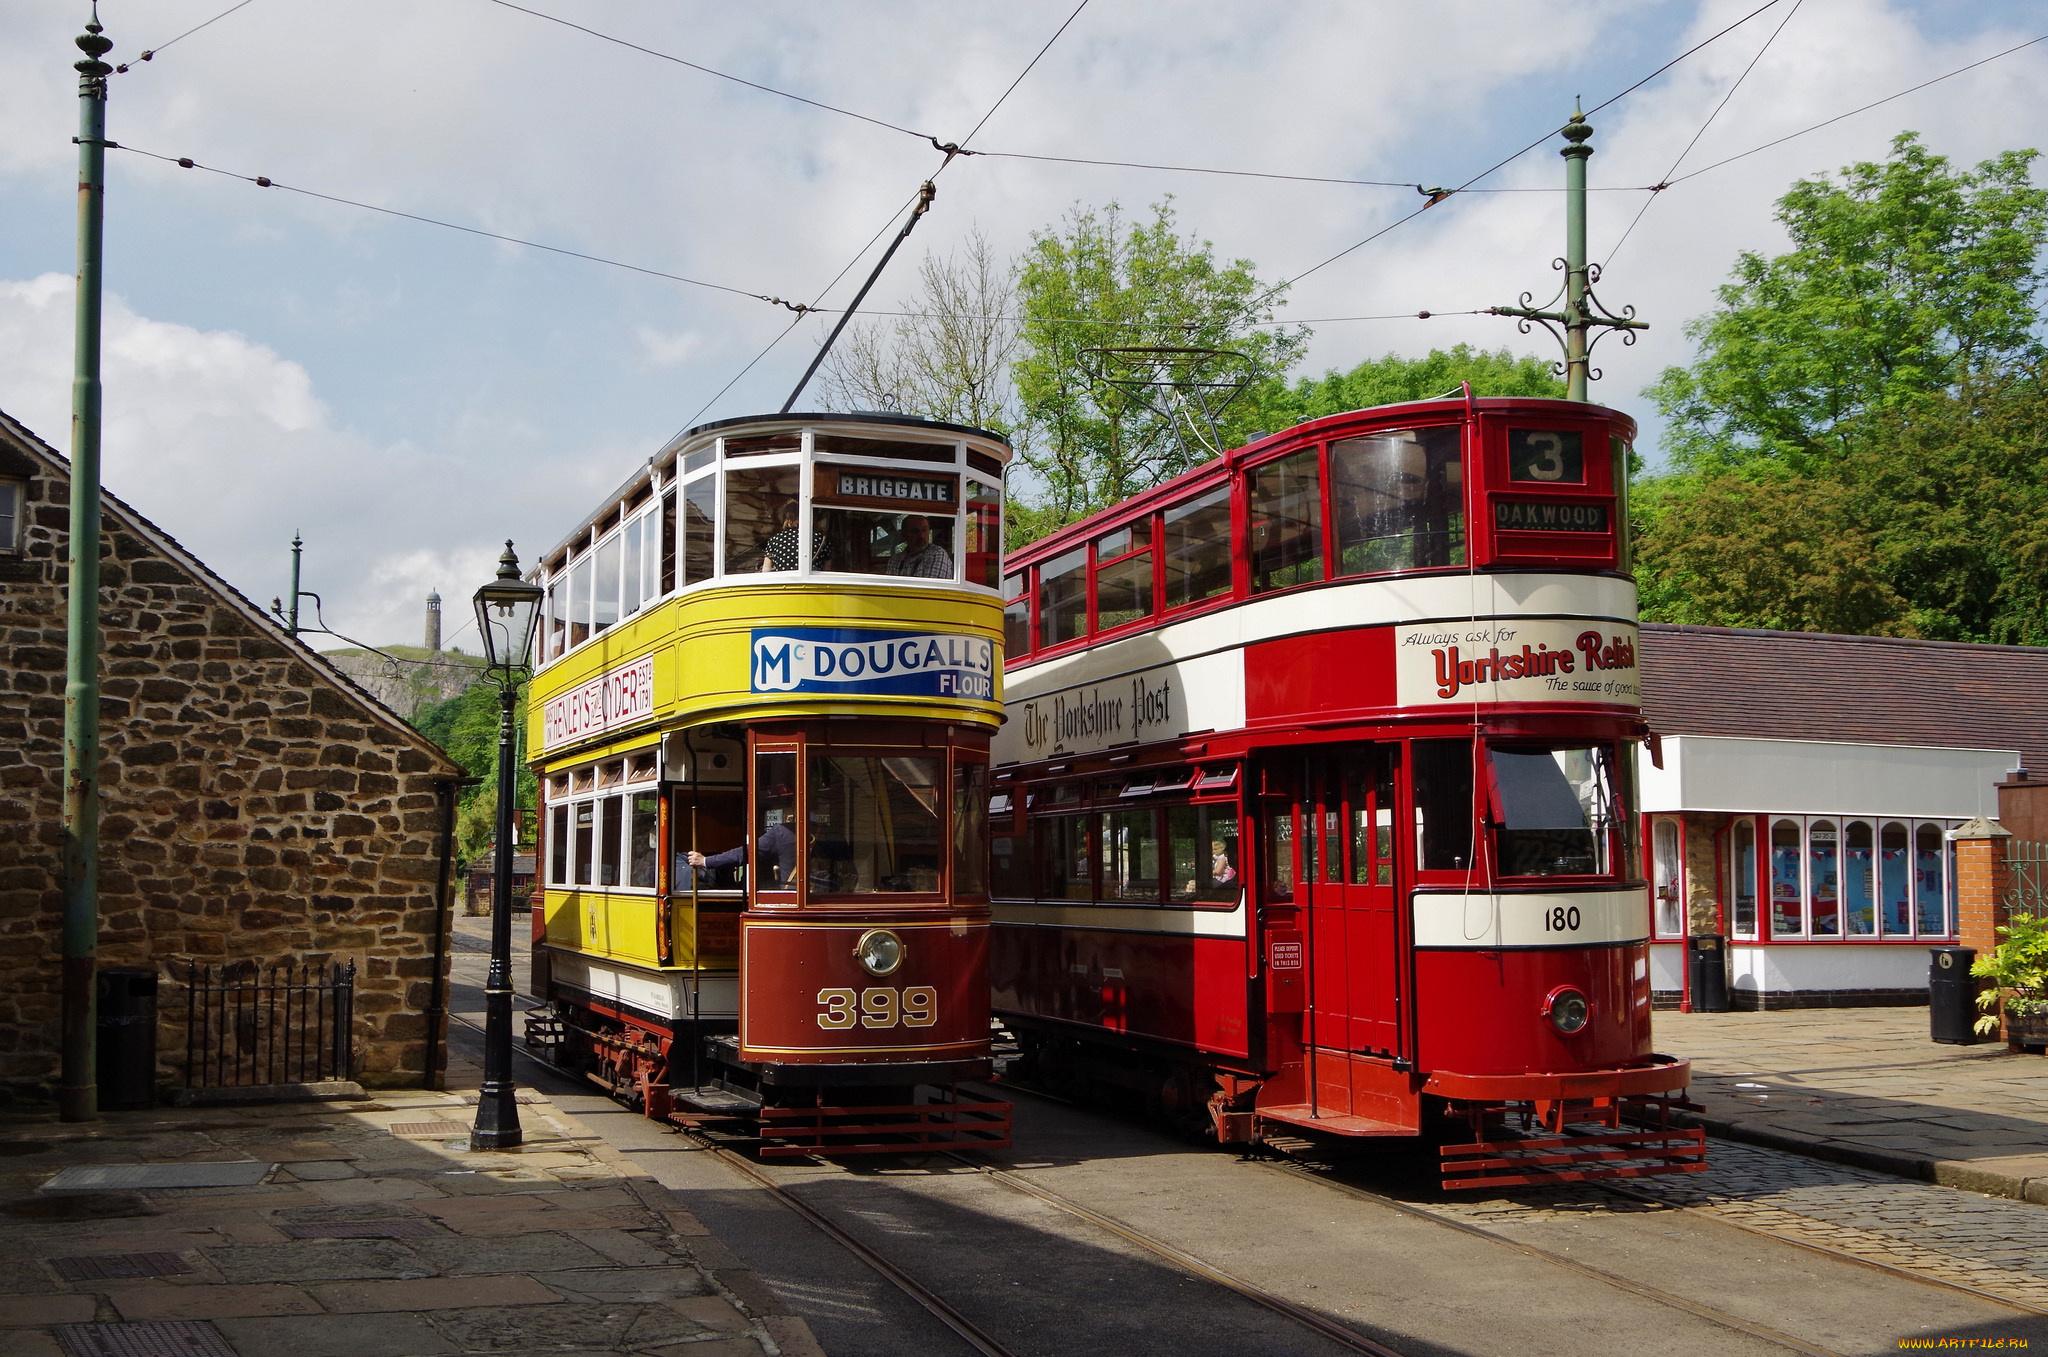 покажи картинки трамваев основное достоинство преимущество